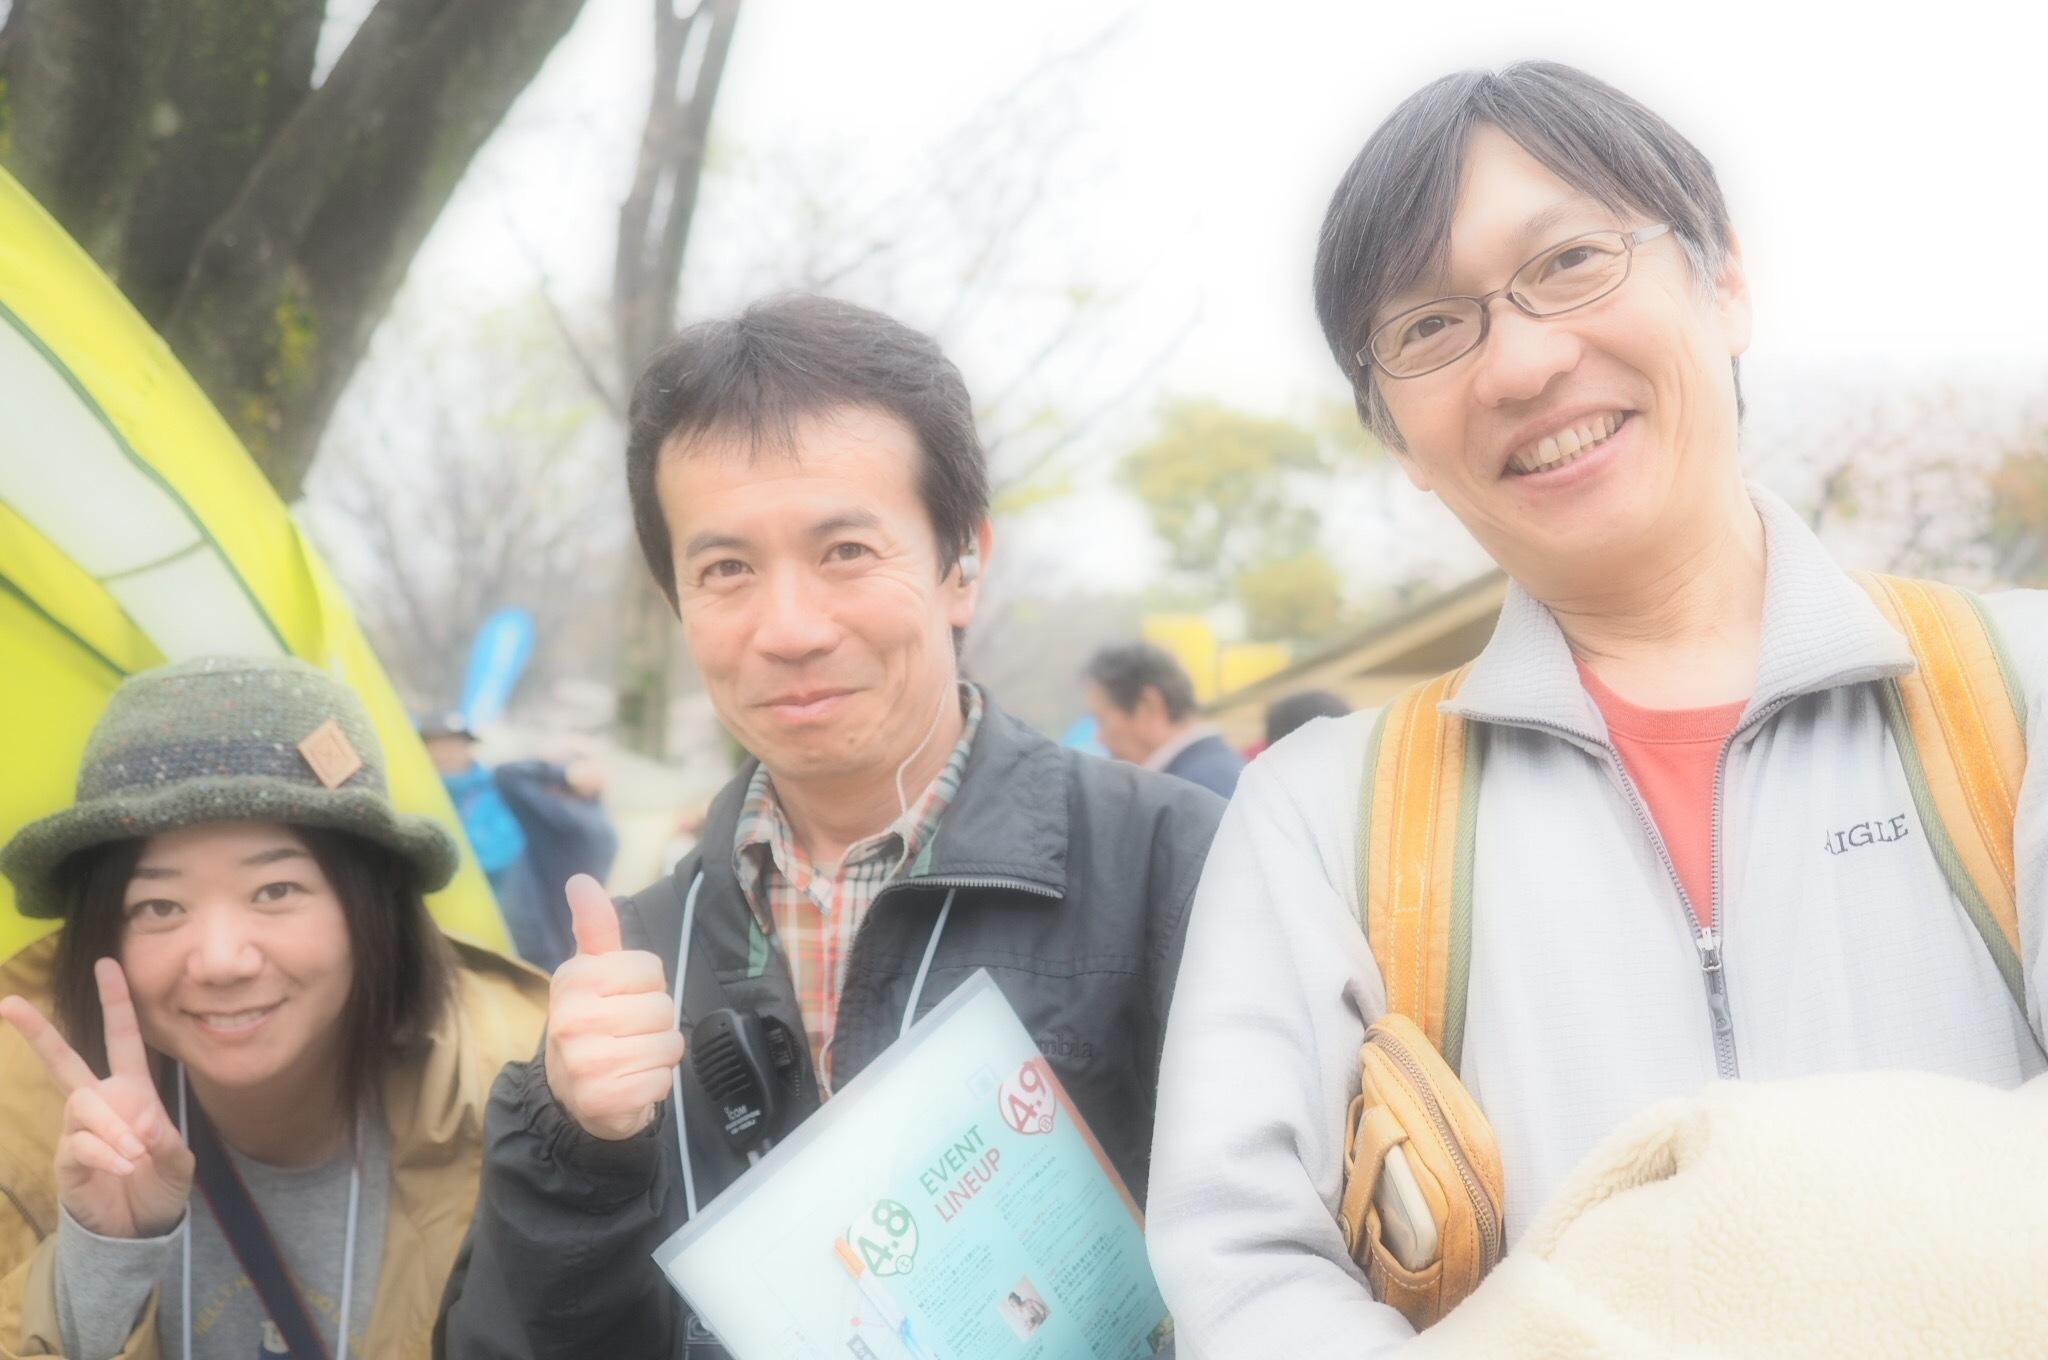 【Photo】アウトドアデイジャパン「笑顔」コレクション!_b0008655_21534381.jpg